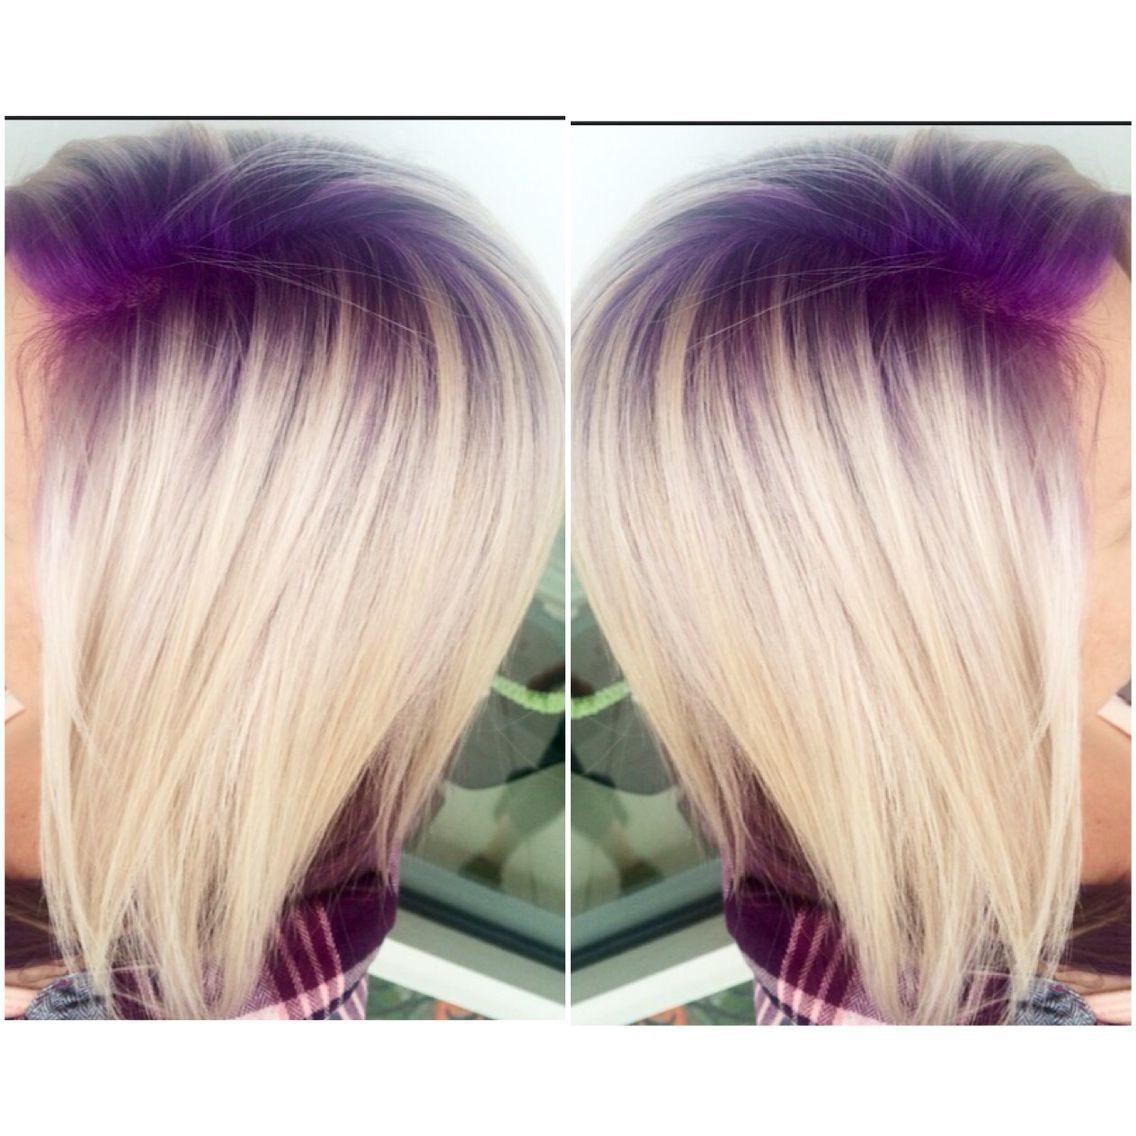 Pin By Liz Delosreyes On Hair In 2019 Blonde Hair Hair